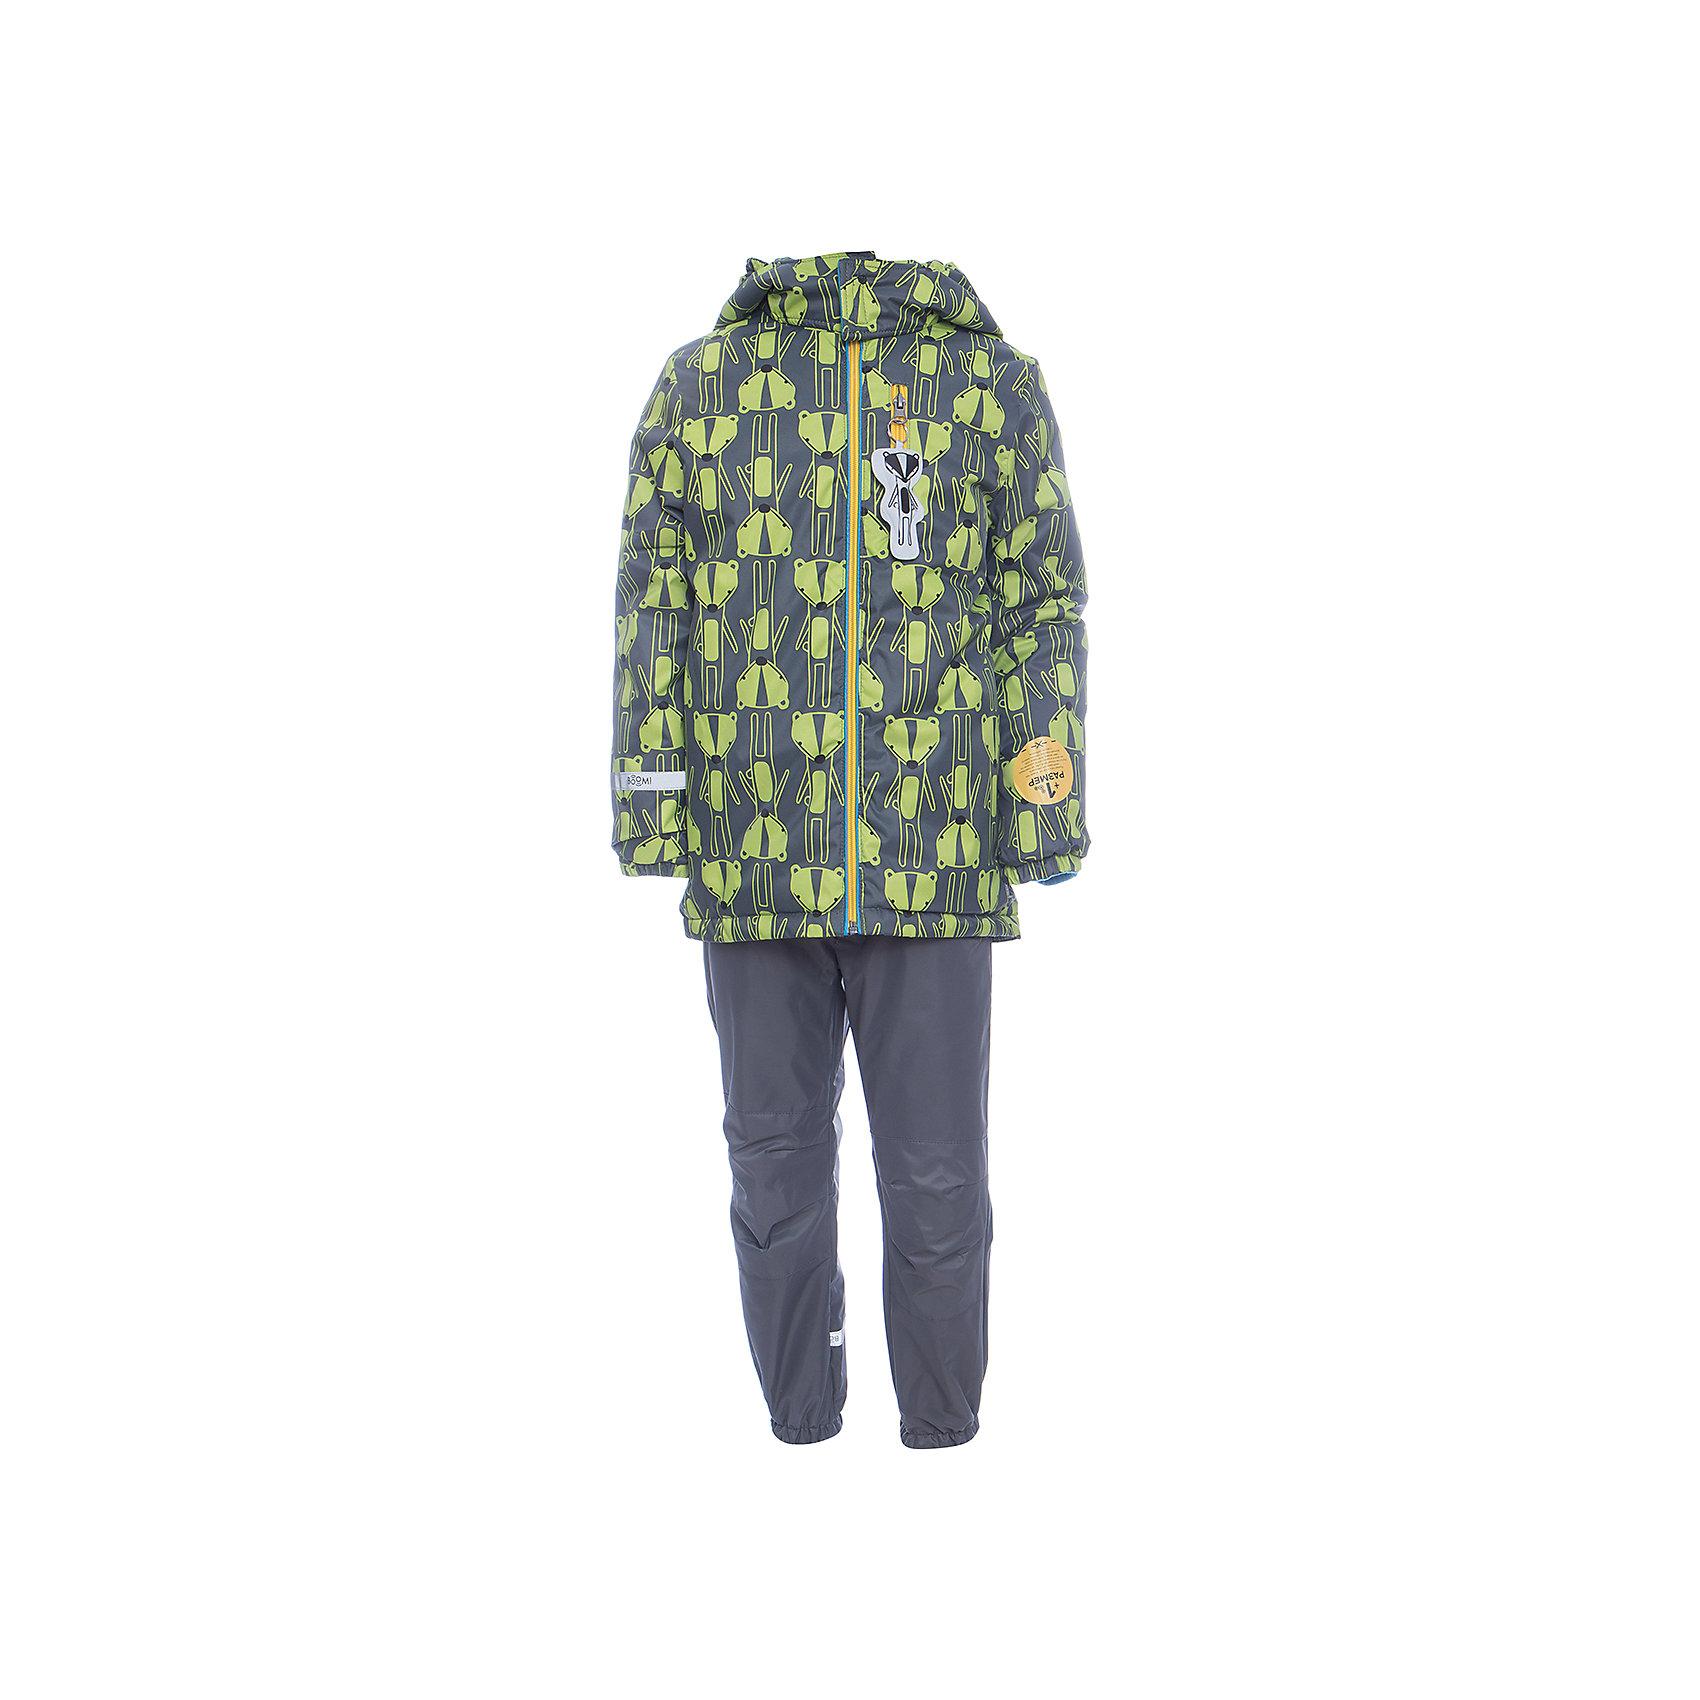 Комплект: куртка и брюки BOOM by Orby для мальчикаВерхняя одежда<br>КУРТКА:<br>Ткань верха:<br>Нейлон с мембранным покрытием 3000*3000 принт; <br>Подкладка:<br>Поларфлис; ПЭ пуходержащий<br>Утеплитель:<br>FiberSoft 150 г/м2<br>БРЮКИ:<br>Ткань верха:<br>Нейлон с мембранным покрытием 3000*3000<br>Подкладка:<br>Поларфлис;<br>Состав:<br>100% полиэстер<br><br>Ширина мм: 356<br>Глубина мм: 10<br>Высота мм: 245<br>Вес г: 519<br>Цвет: серый<br>Возраст от месяцев: 72<br>Возраст до месяцев: 84<br>Пол: Мужской<br>Возраст: Детский<br>Размер: 122,104,86,92,98,110,116<br>SKU: 7007358